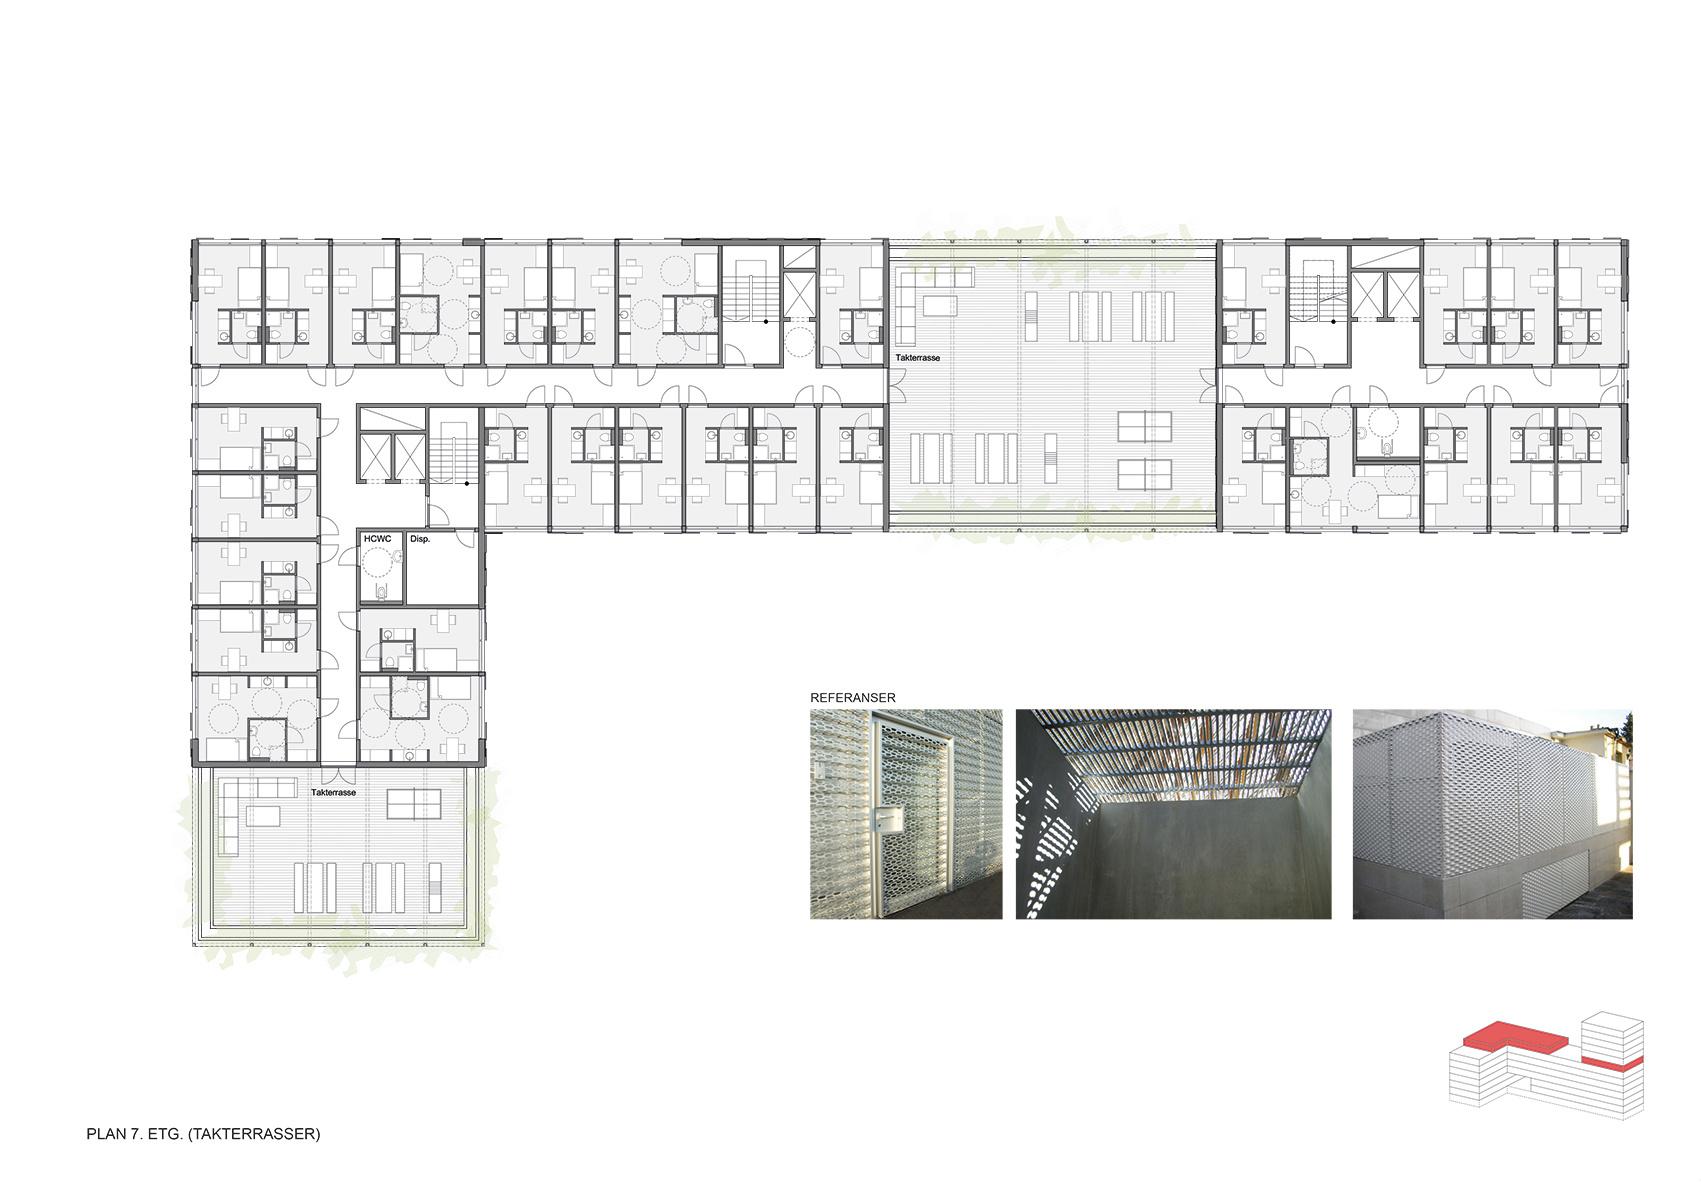 plan07 med takterrasse